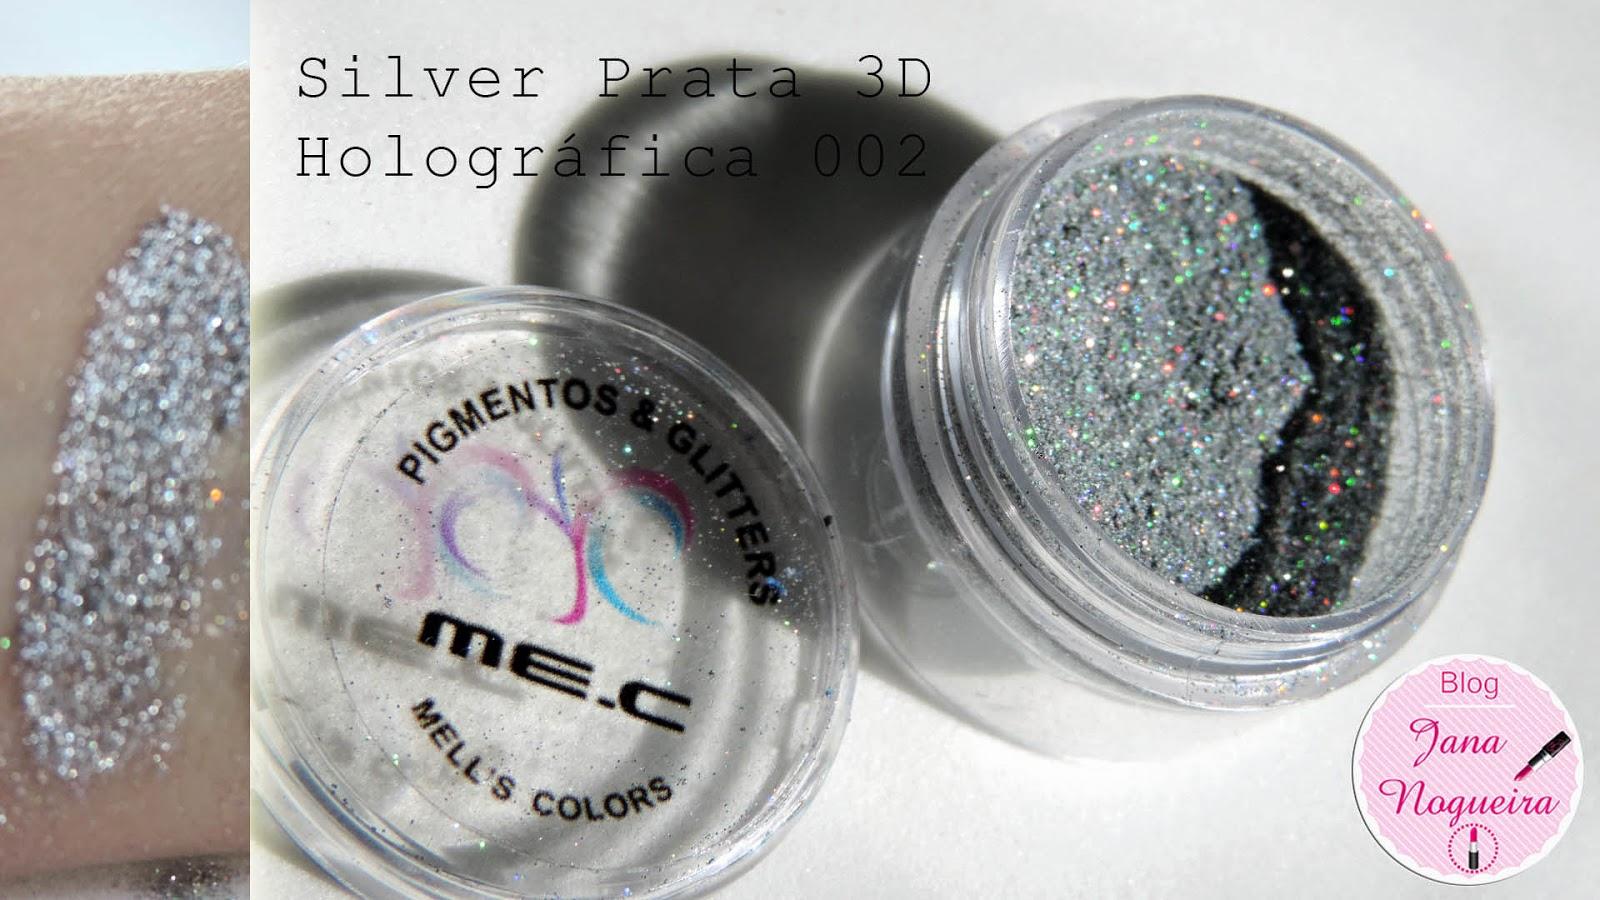 pigmento silver prata